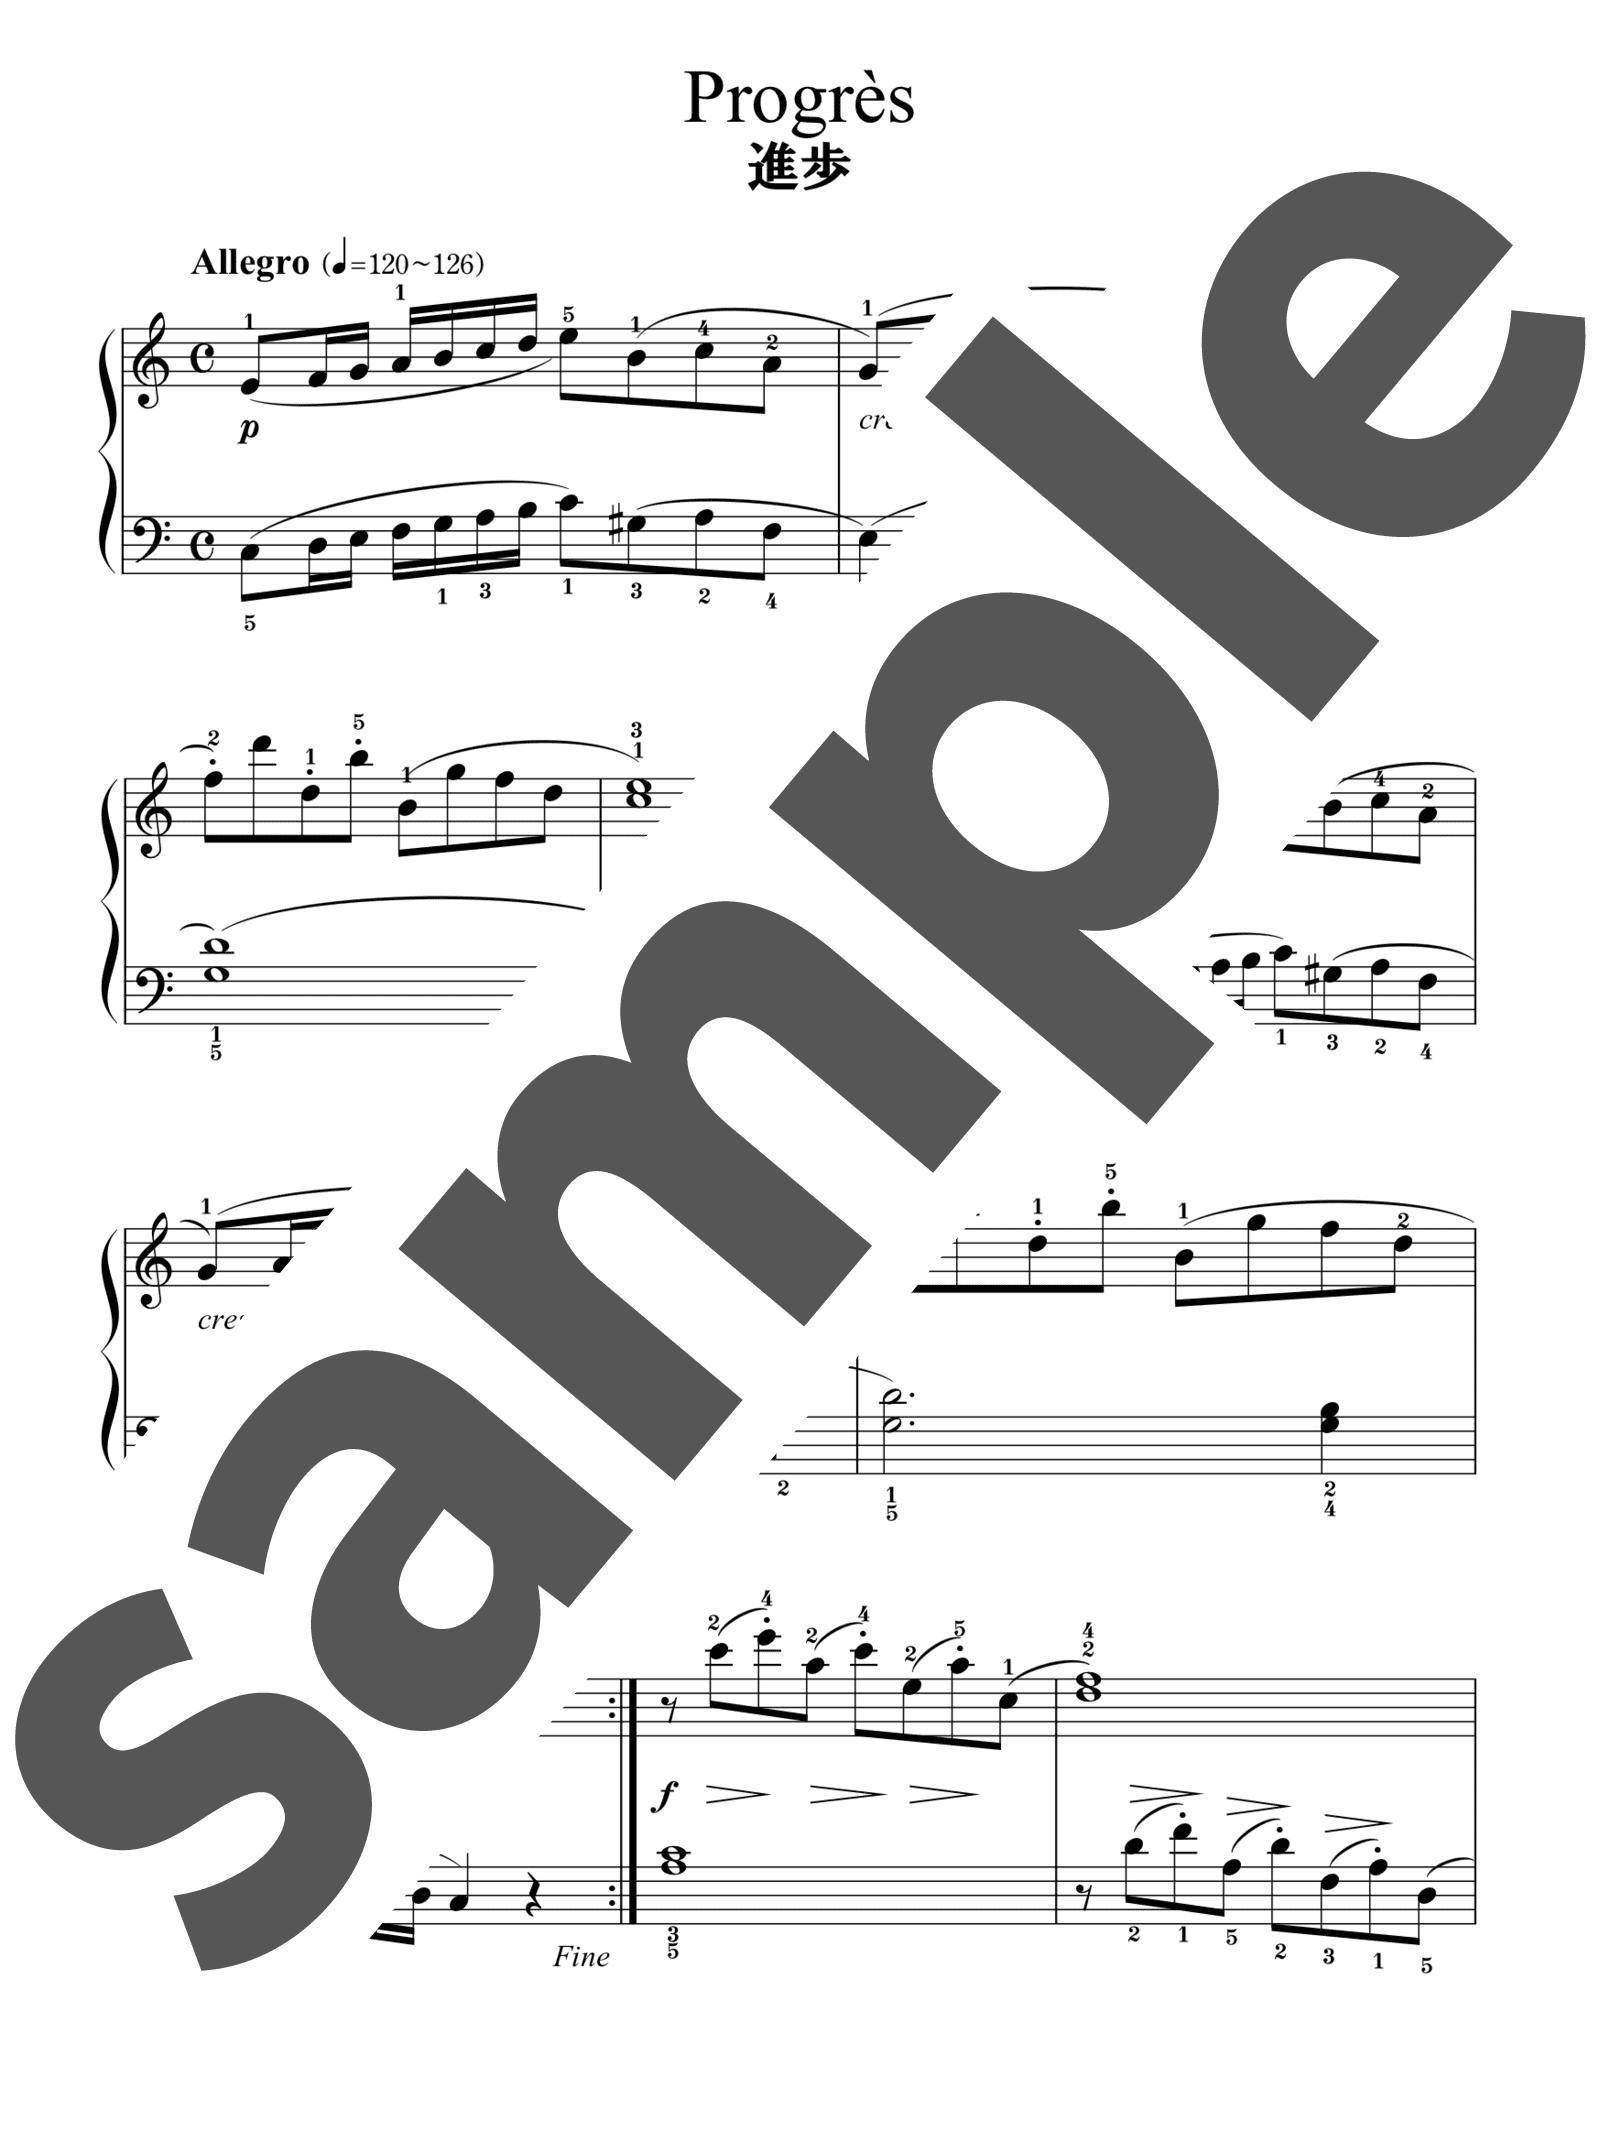 「ブルグミュラー25の練習曲6番 進歩」のサンプル楽譜